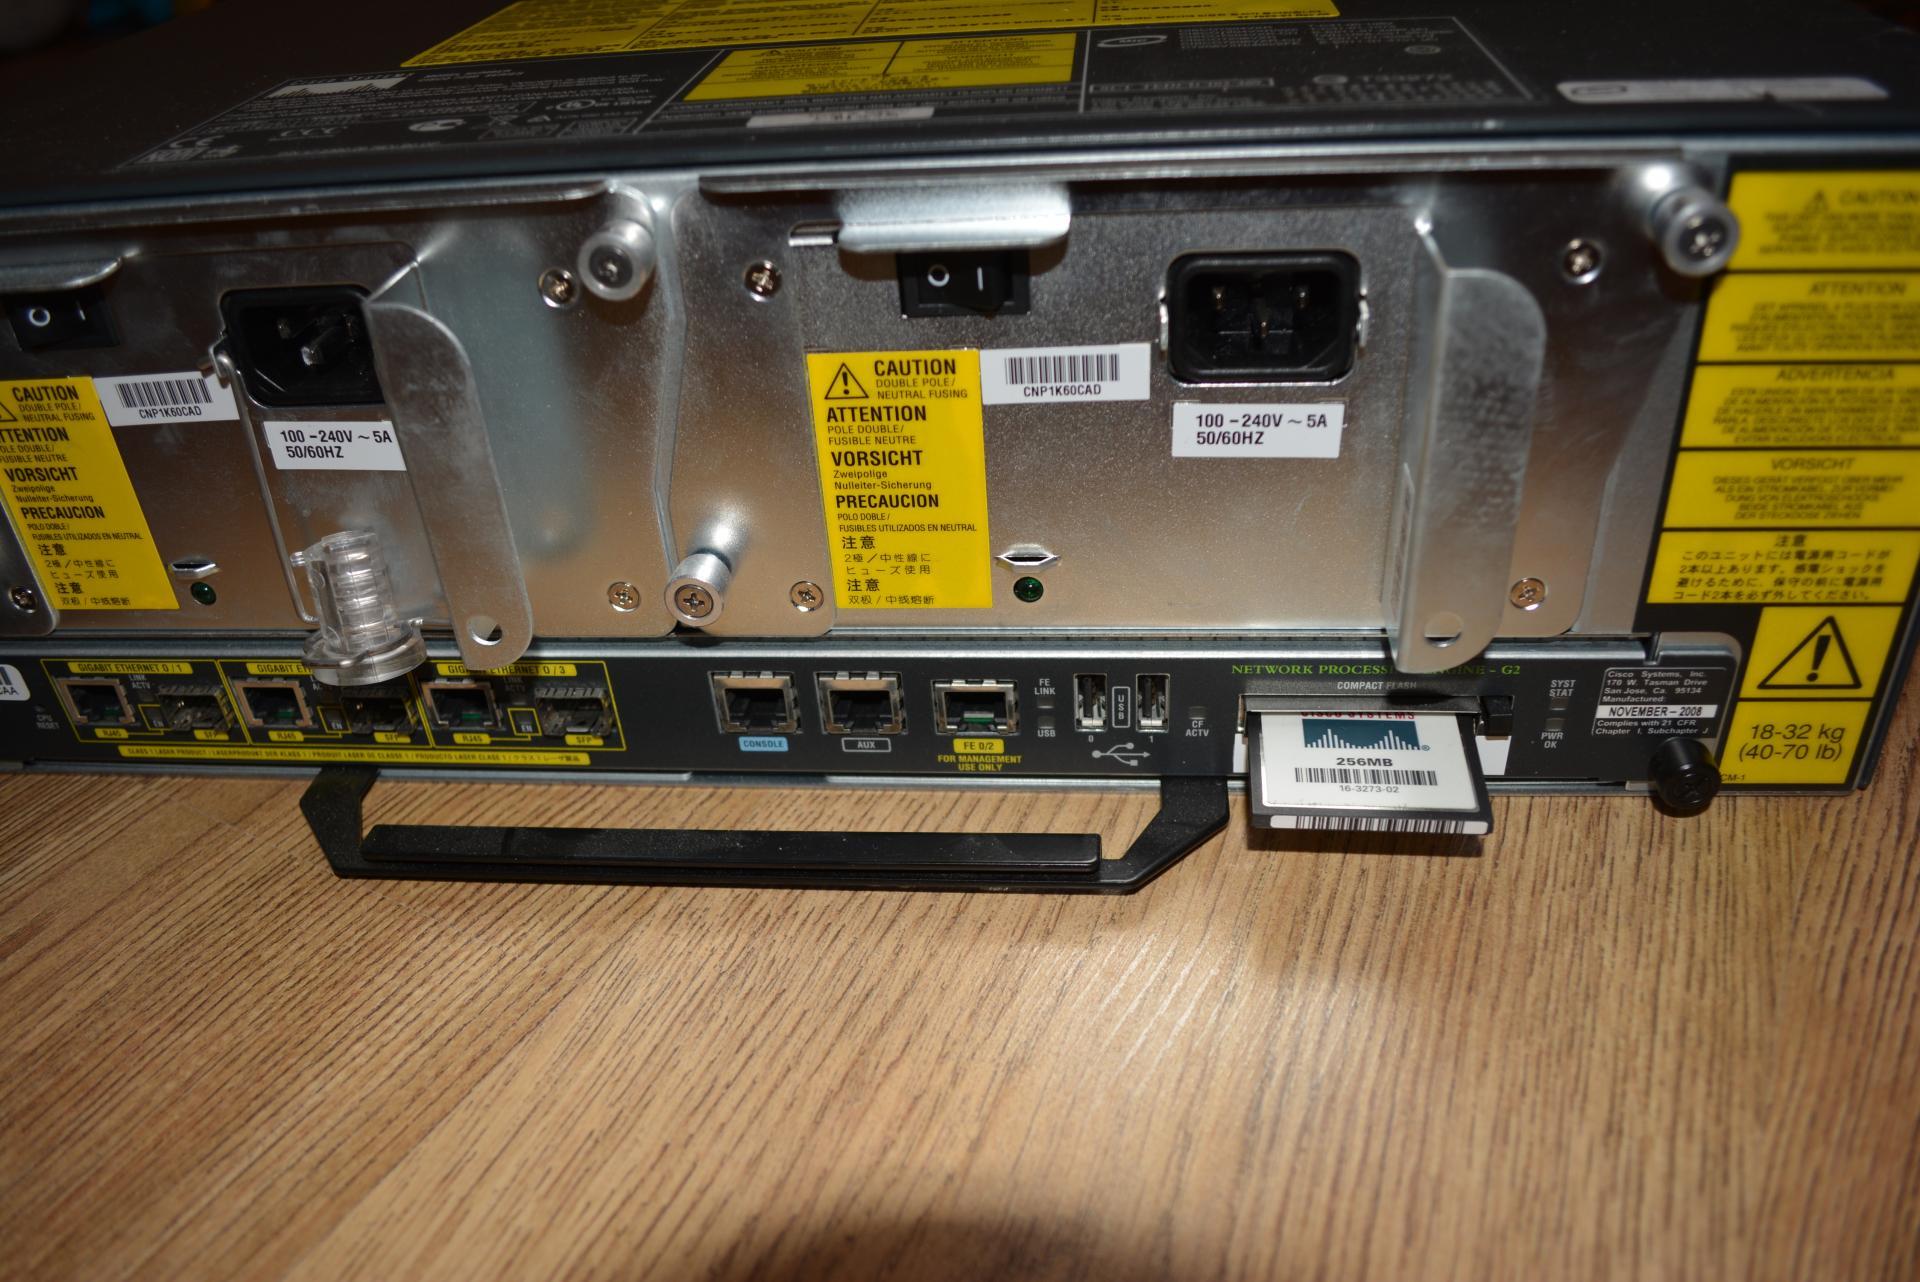 Продется маршрутизатор Cisco 7206 + NPE-G2 - Оборудование - Local